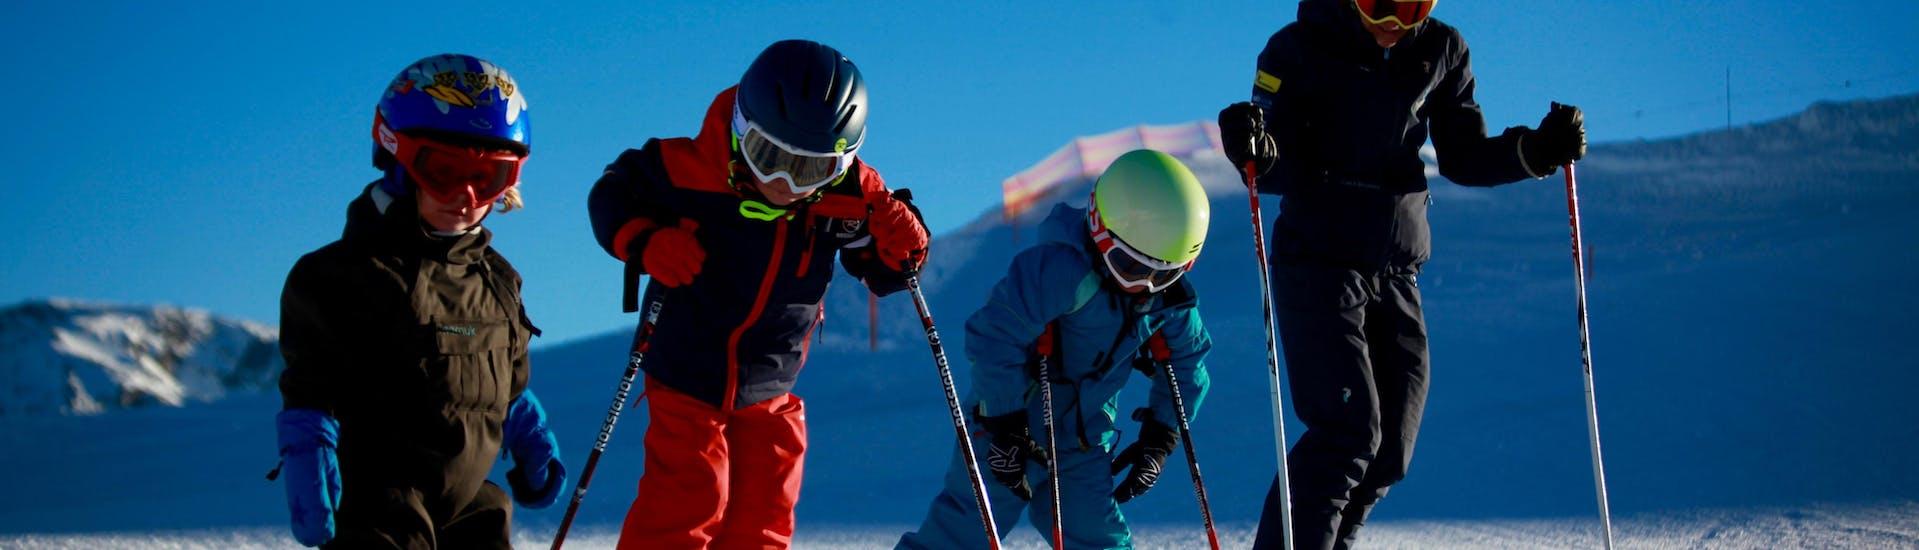 Cours particulier de ski Enfants pour Tous niveaux - Journée